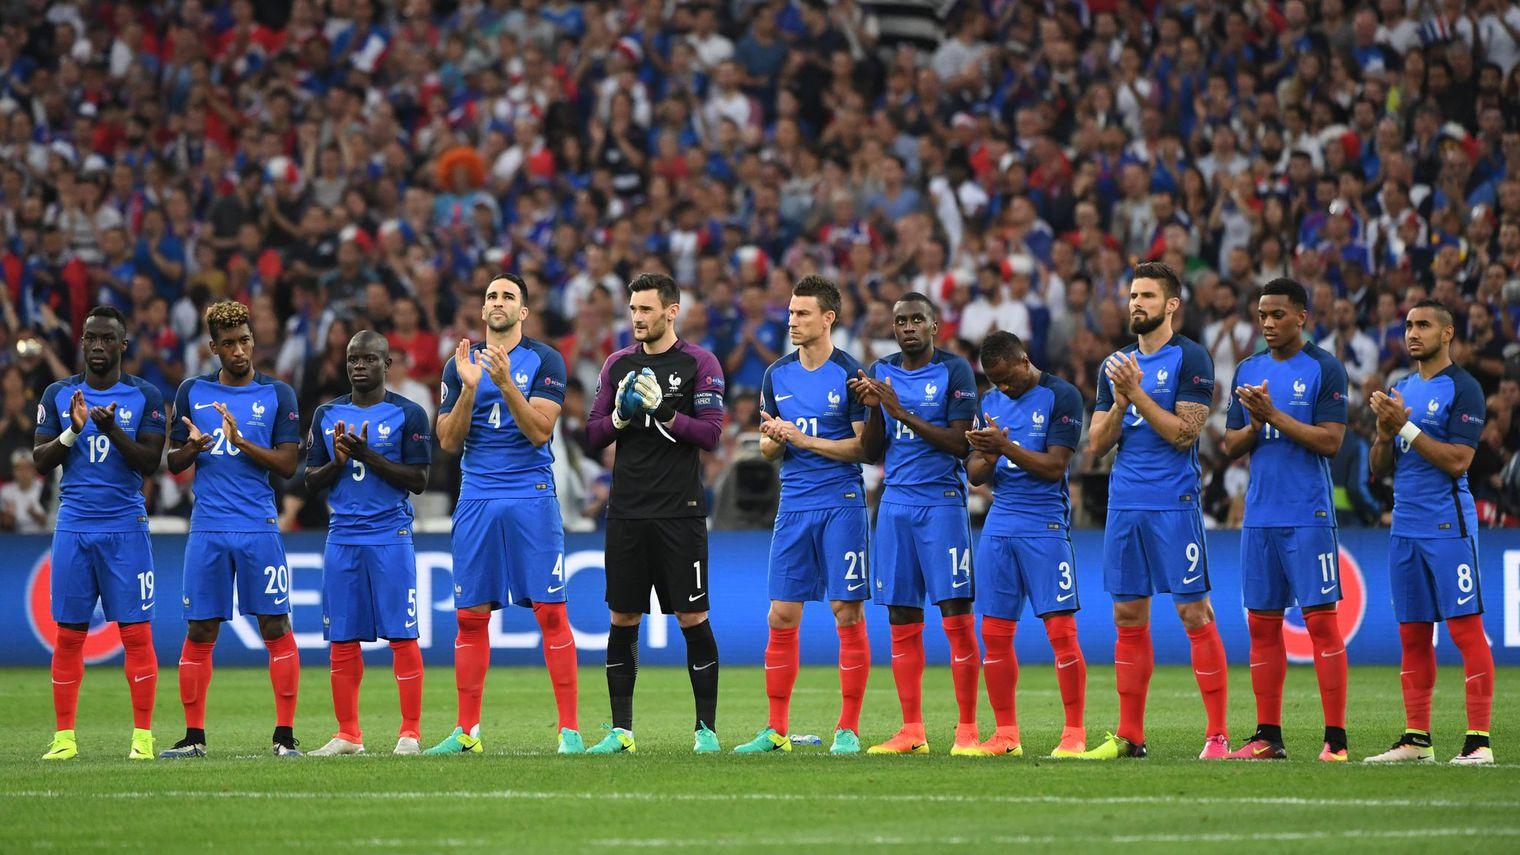 UEFA : L'invitation de Platini divise